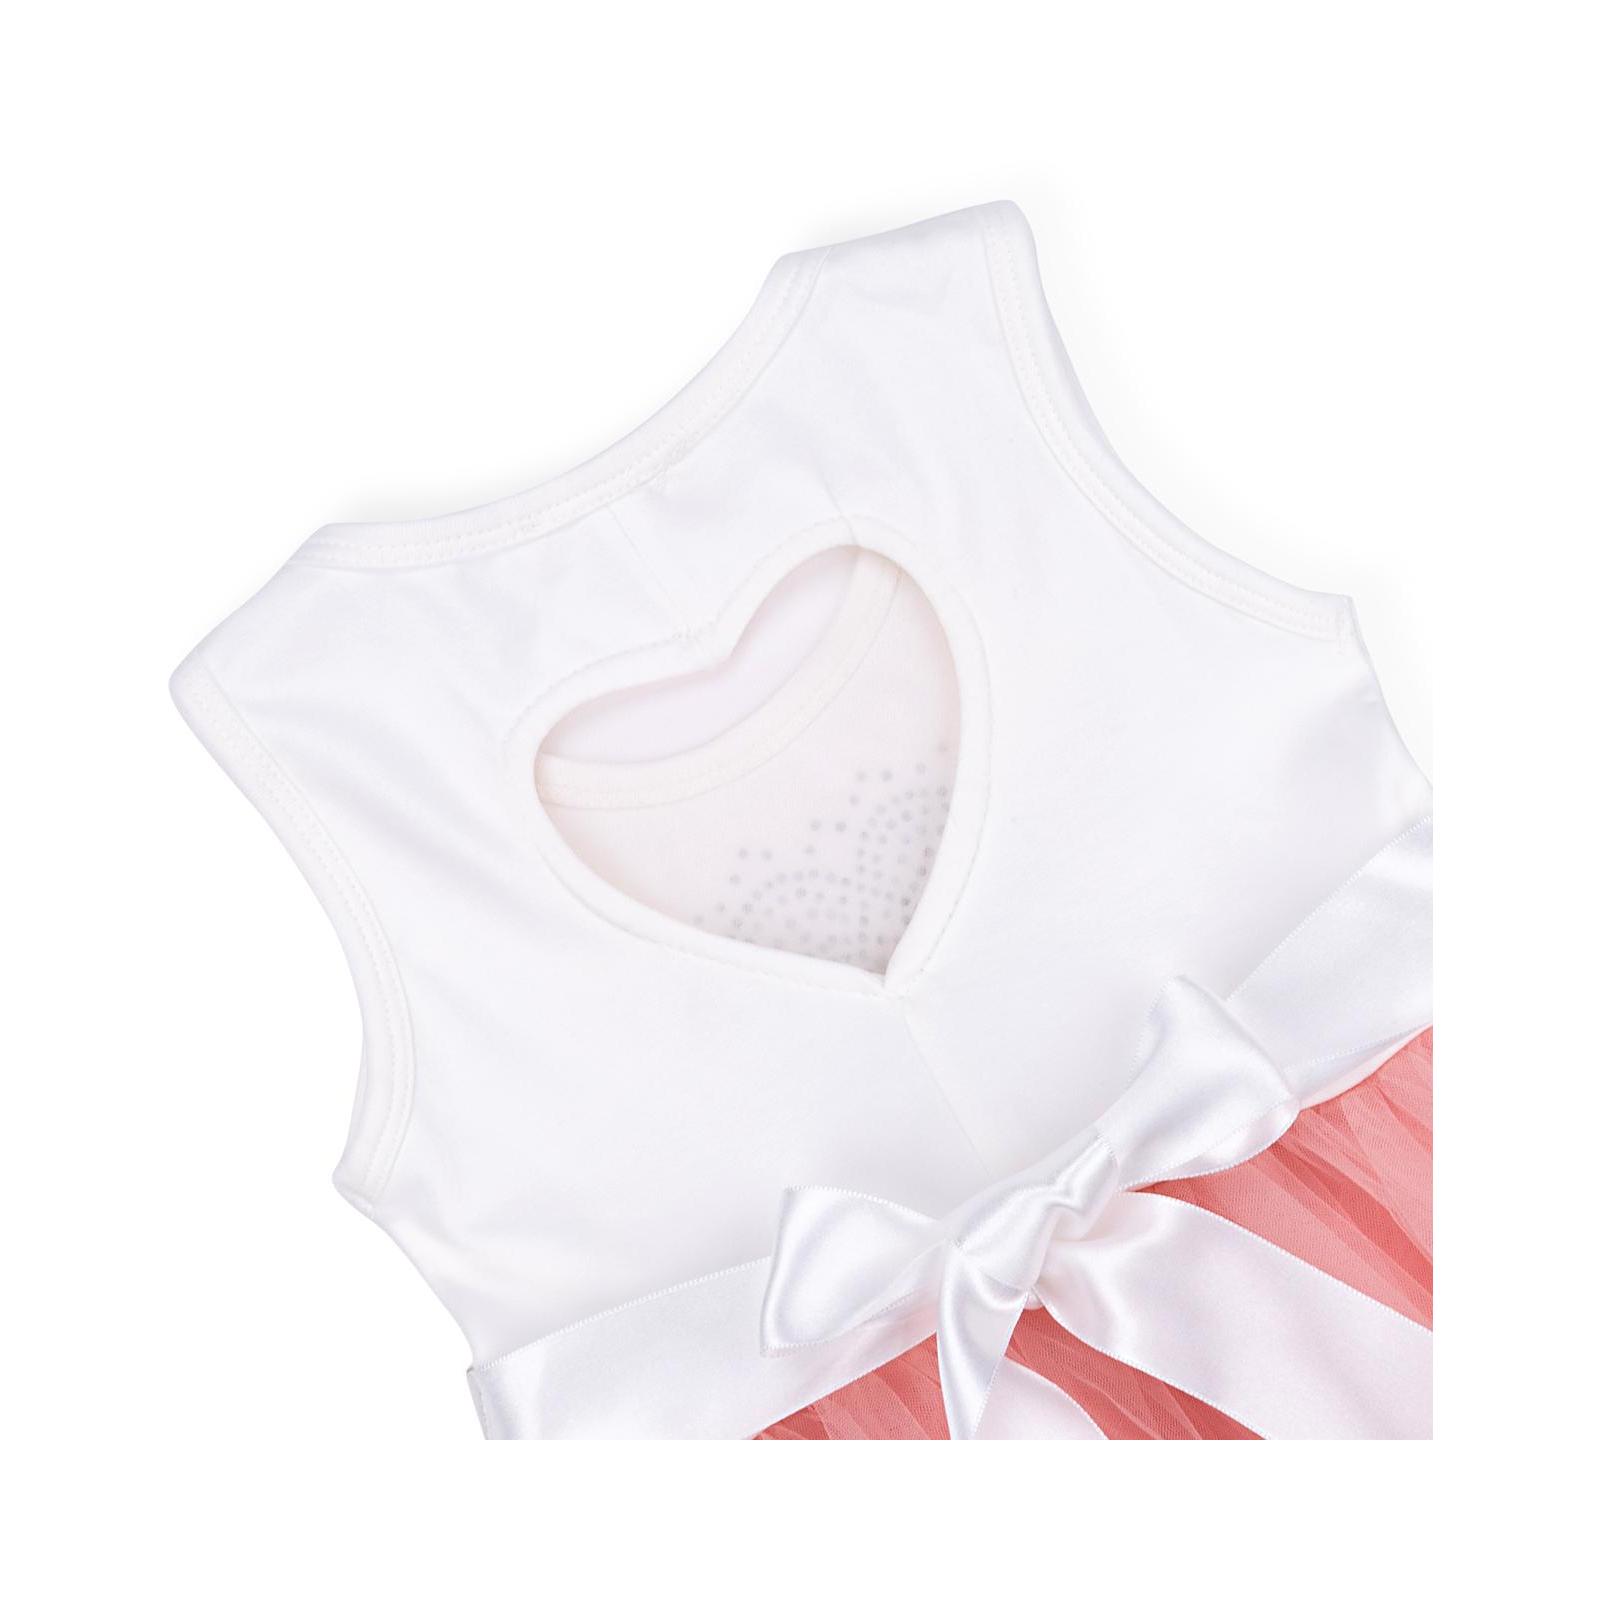 Платье Breeze сарафан с фатиновой юбкой и сердцем (10862-104G-pink) изображение 4